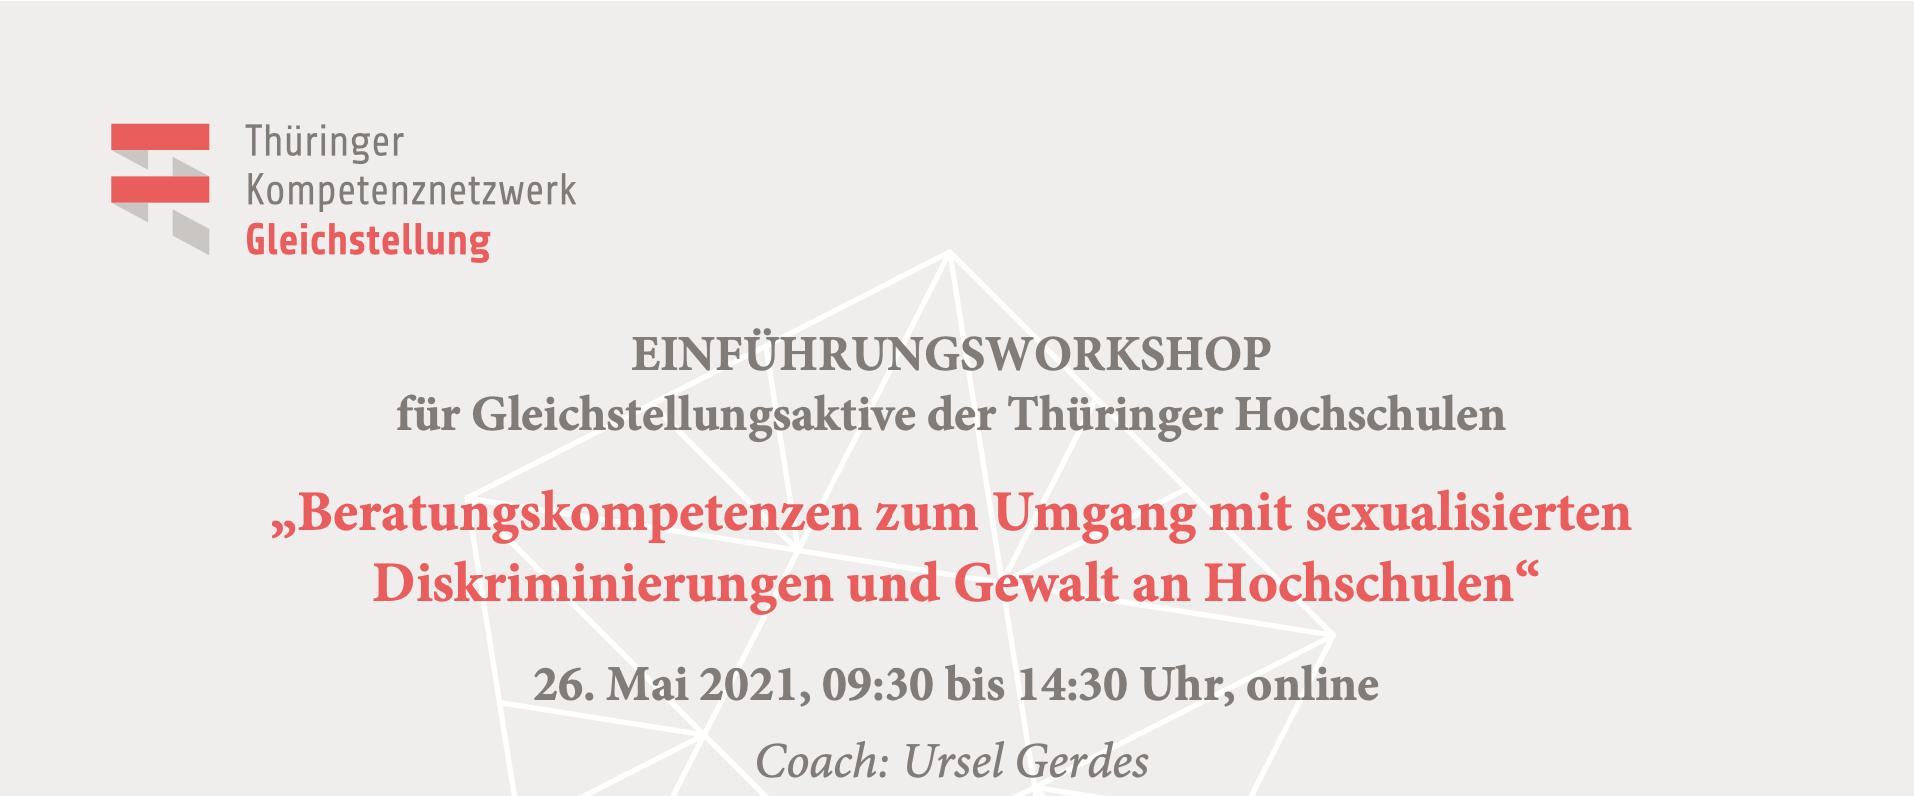 Workshop: Beratungskompetenzen zum Umgang mit sexualisierten Diskriminierungen und Gewalt an Hochschulen (Einführungsworkshop)